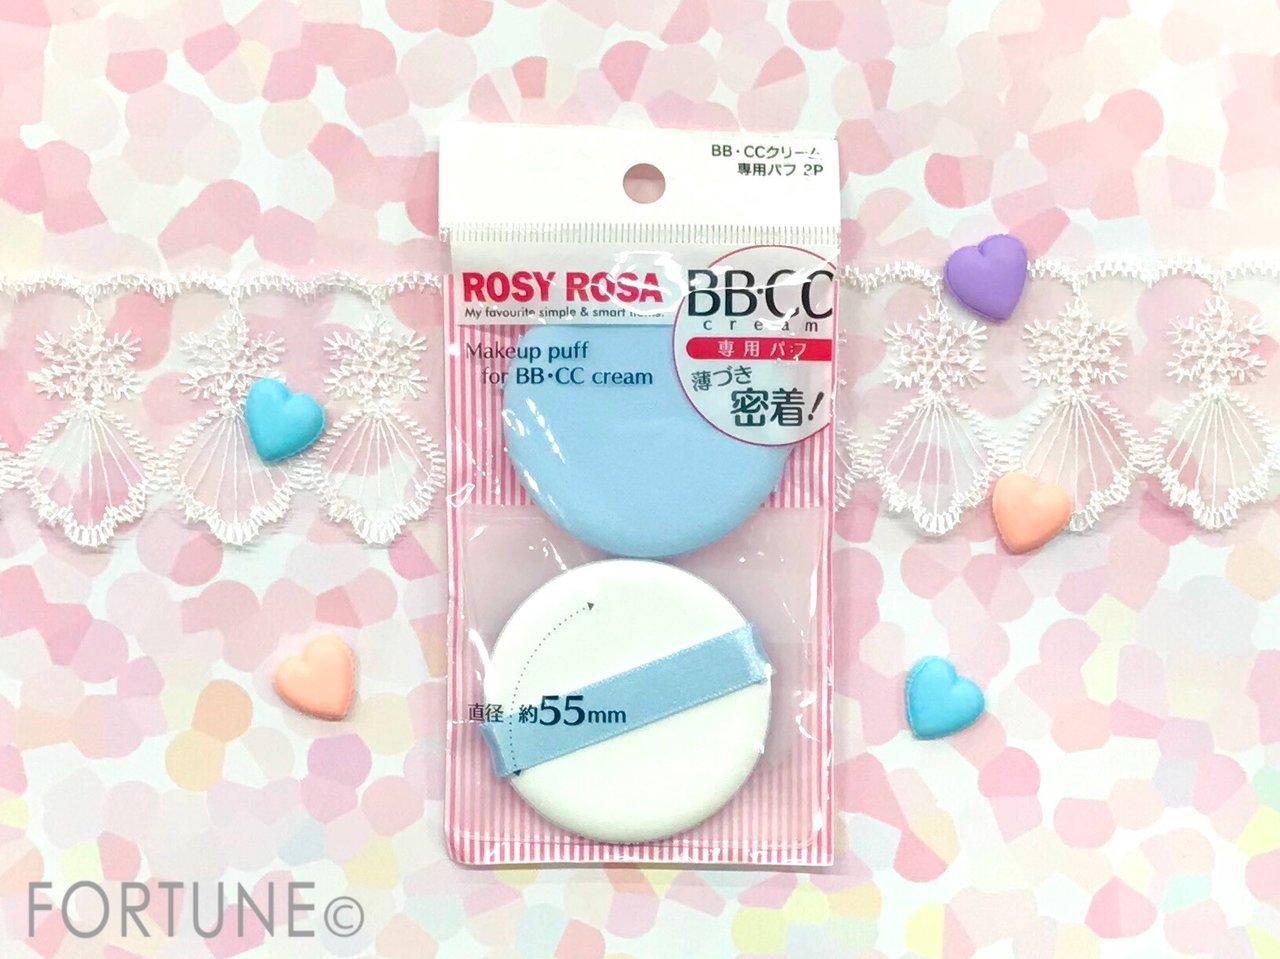 ロージーローザ BB・CCクリーム専用パフ 2P